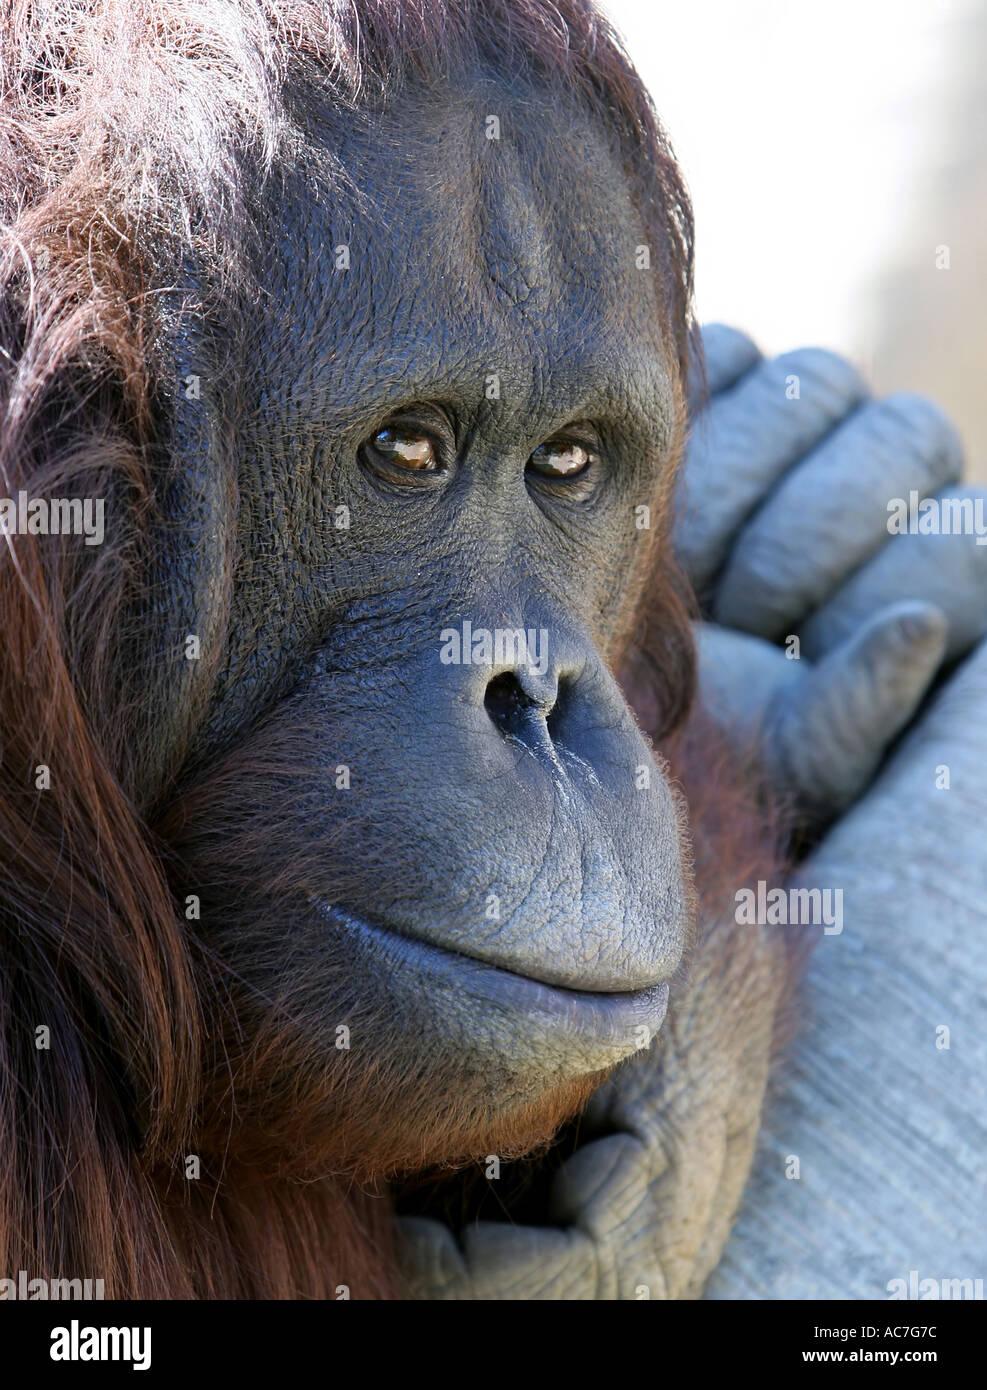 Close up of Orang-utan's Face